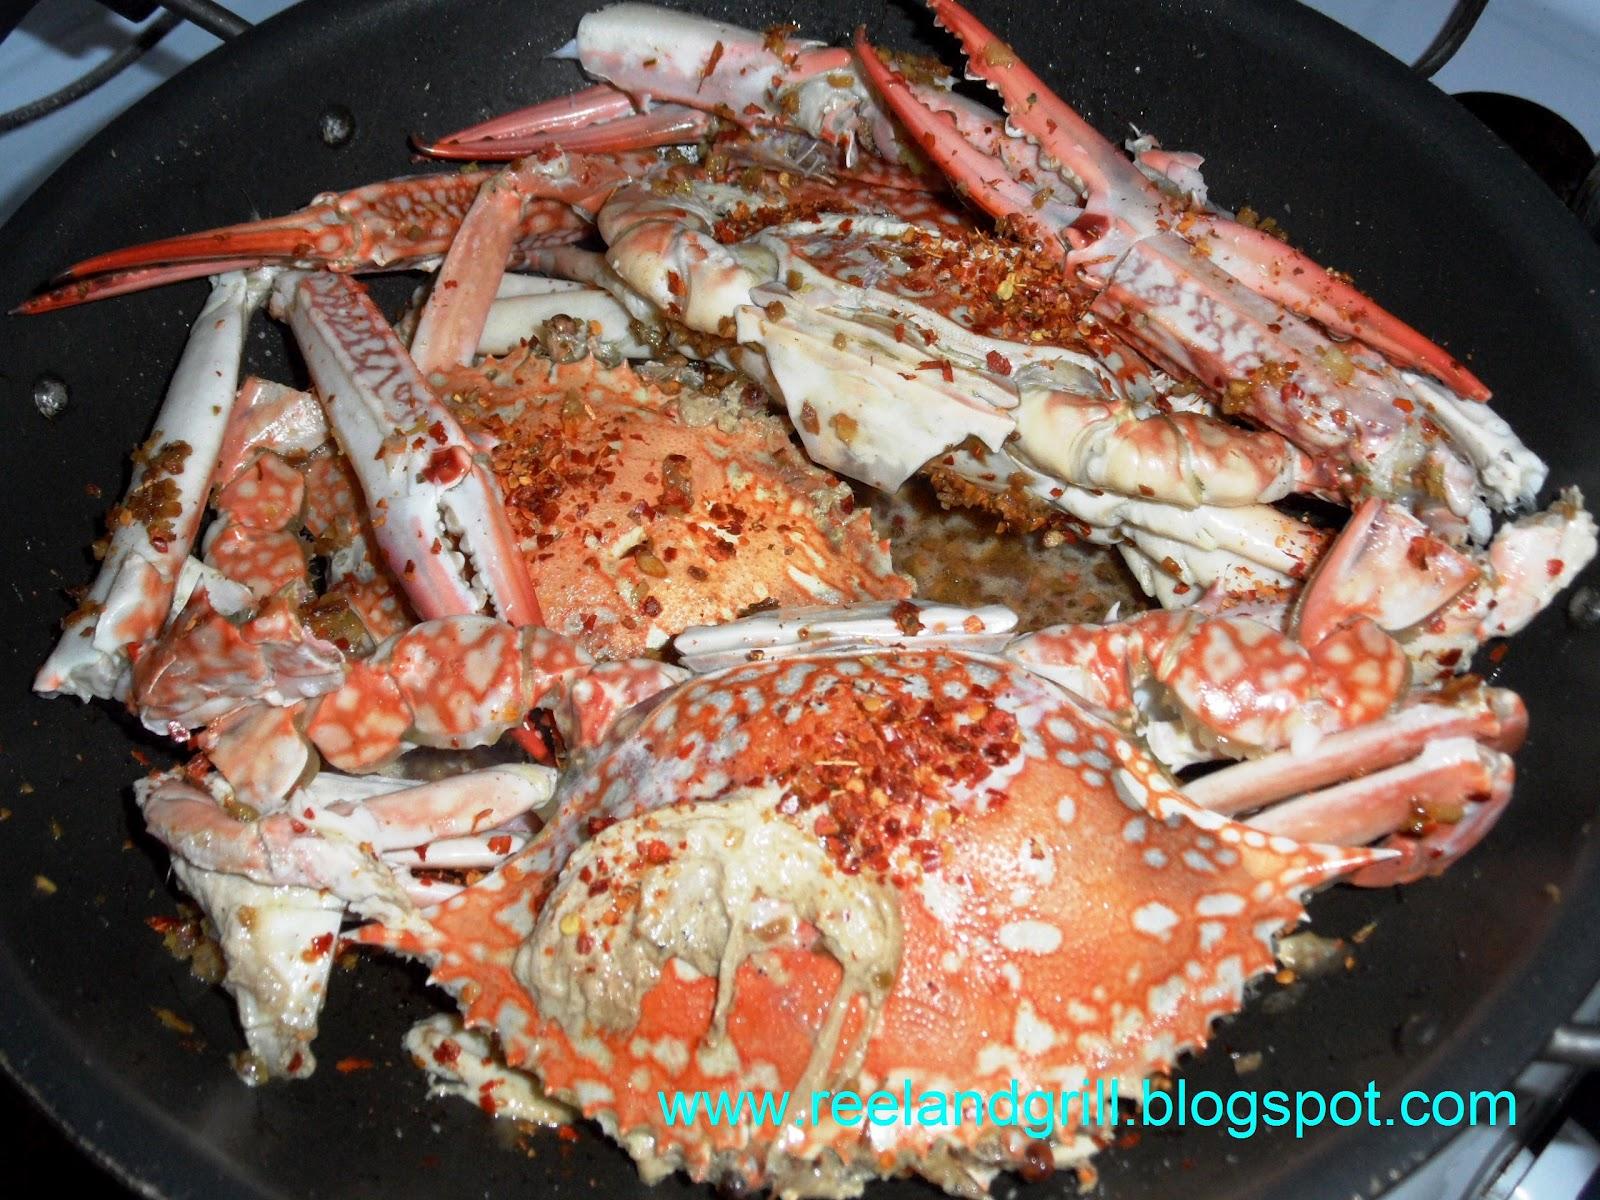 Chili Crab a la Regina - For February Kulinarya Challenge